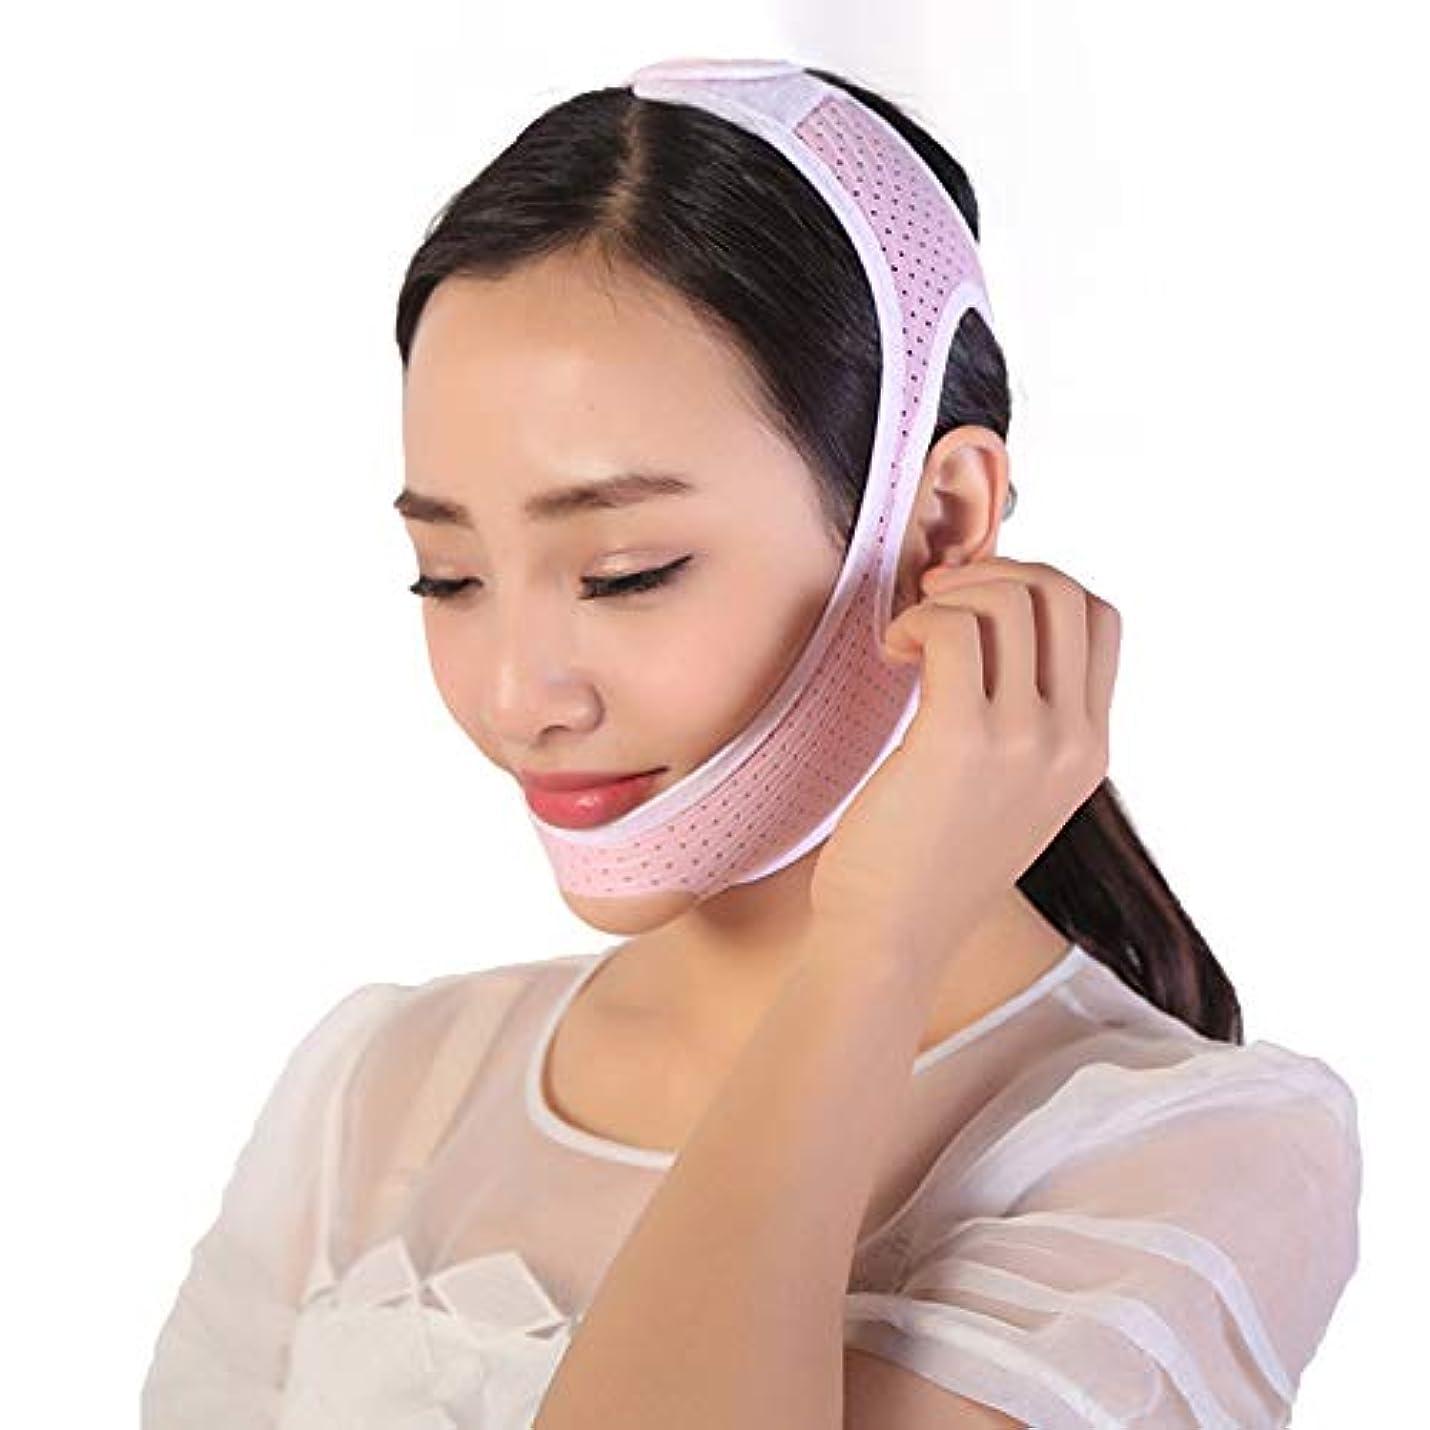 困惑するシンボル臭いJia Jia- フェイシャルリフティングスリミングベルト - 薄型フェイス包帯ダブルチンデバイスフェイシャルマッサージアンチエイジングリンクルフェイスマスクベルト 顔面包帯 (サイズ さいず : L l)